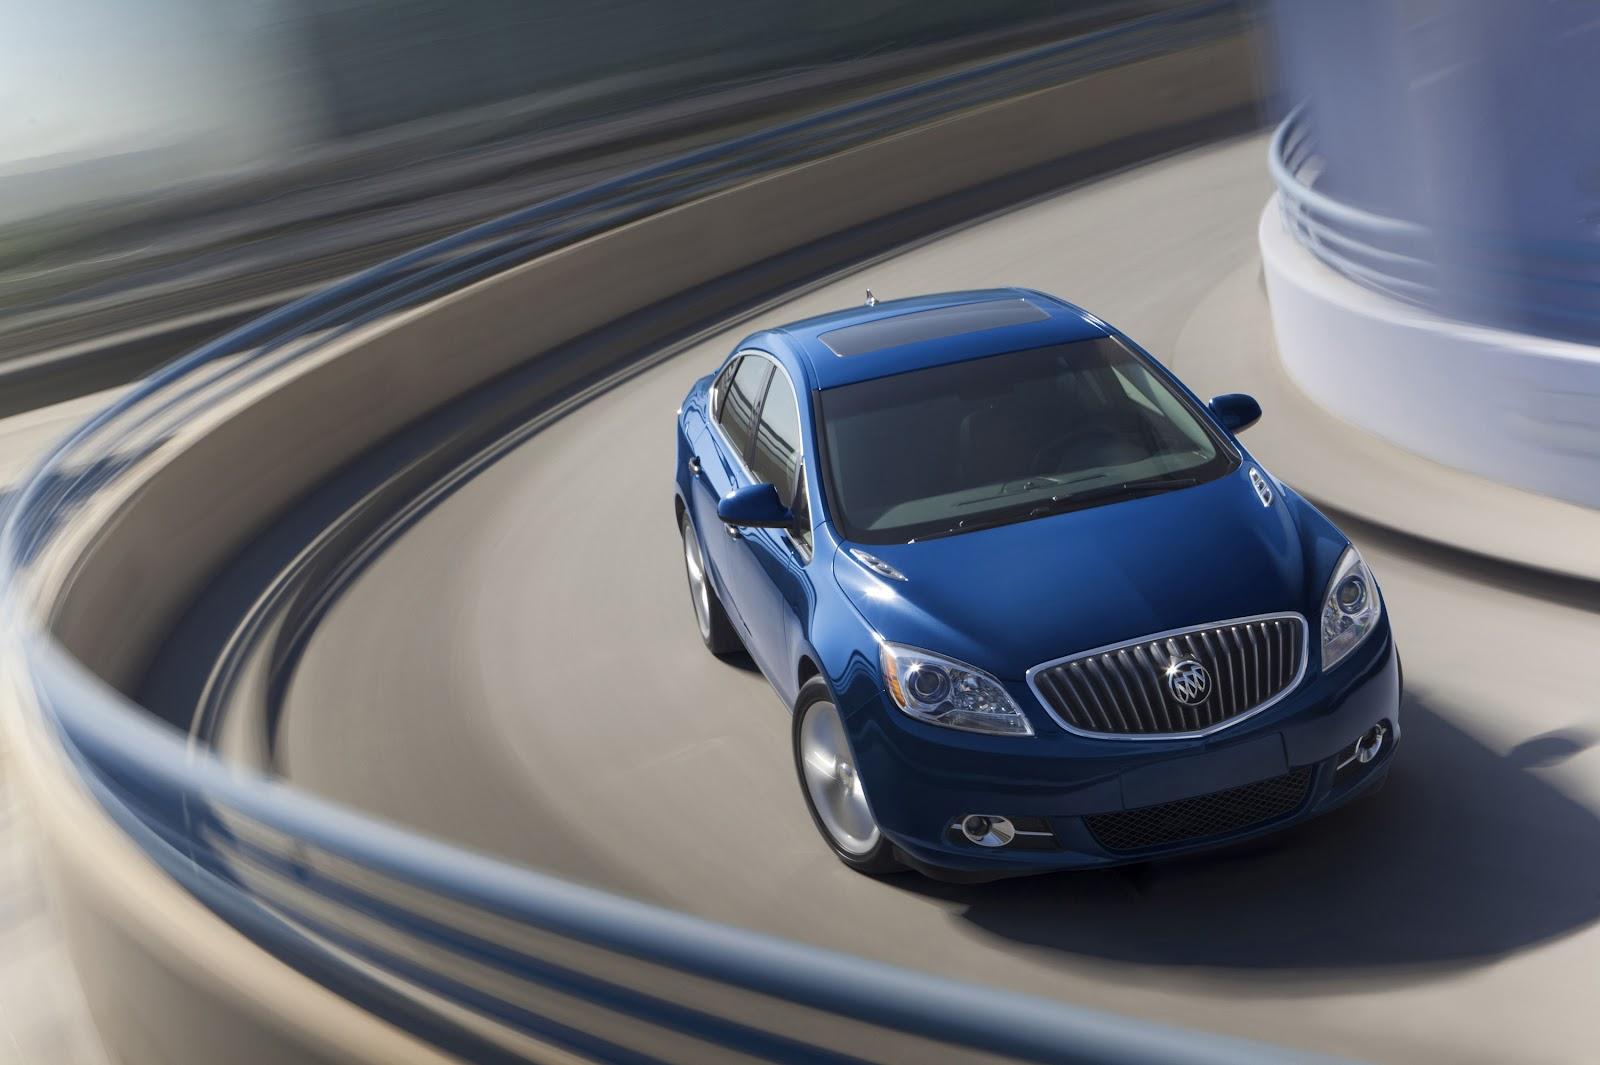 2010 - [Buick] Verano / Excelle - Page 3 2013+Buick+Verano+Turbo+4